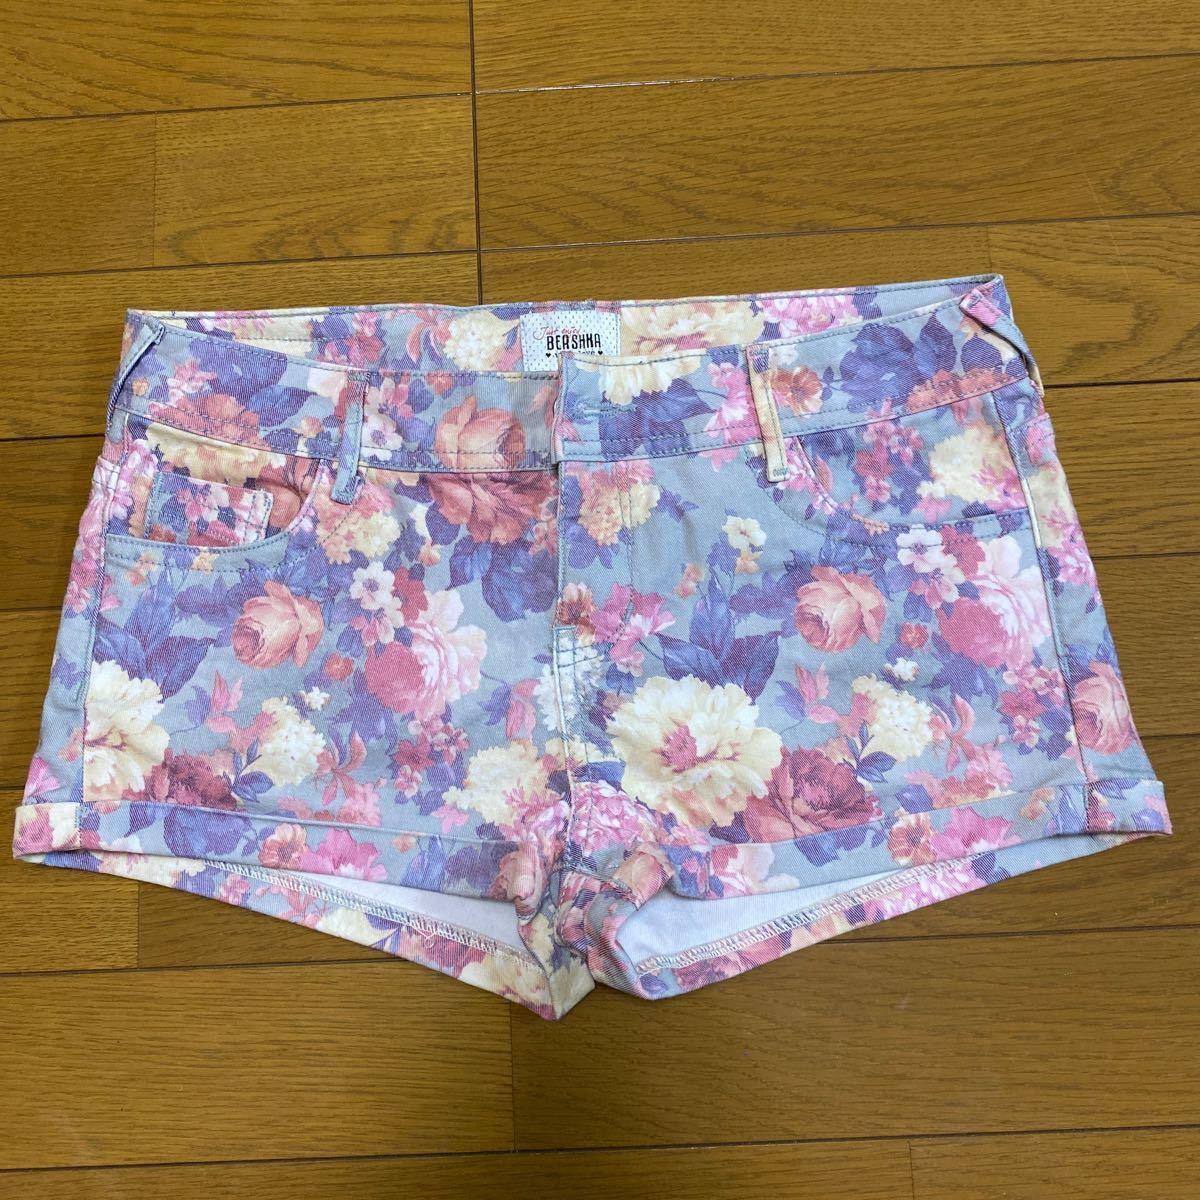 ショートパンツ 花柄 デニムパンツ ベルシュカ bershka サイズ36